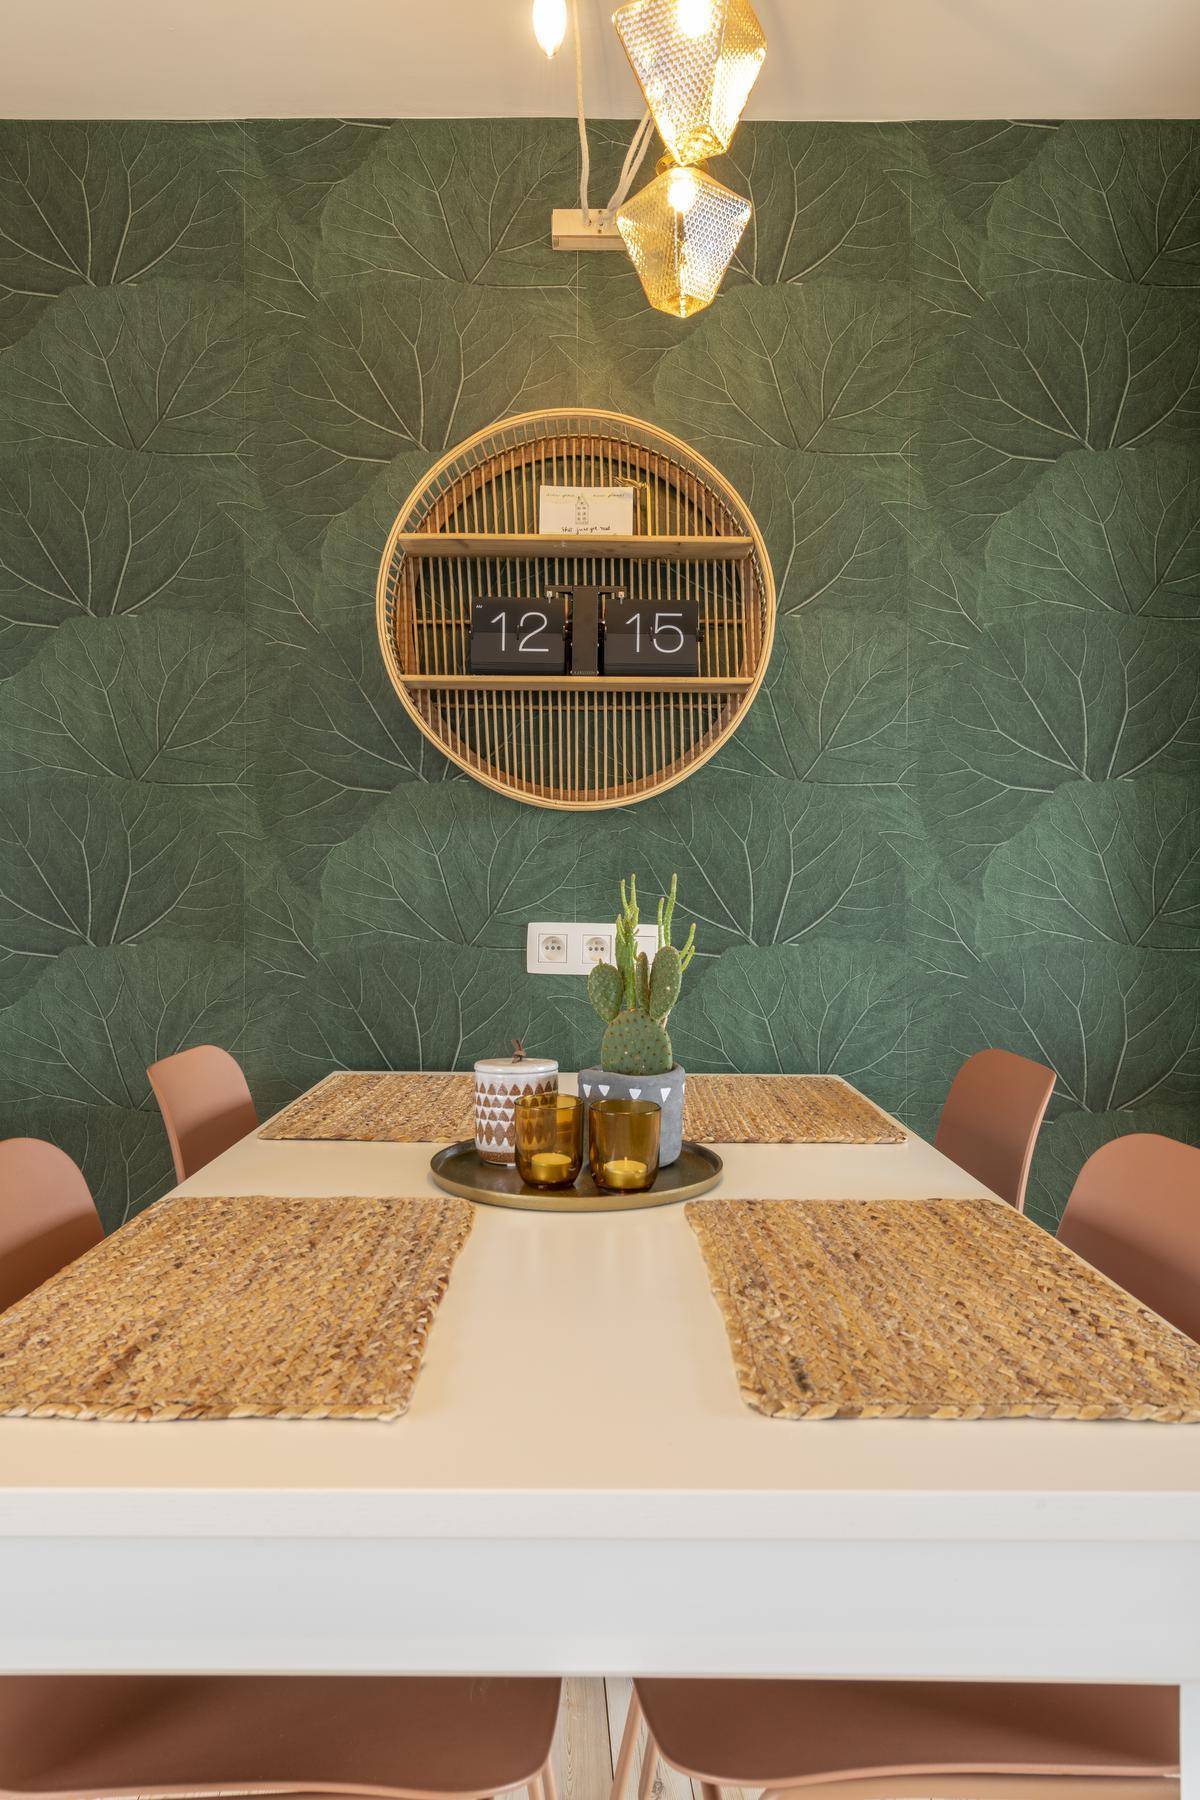 Groene accenten zoals dit botanische behang halen de natuur in huis.© Pieter Clicteur